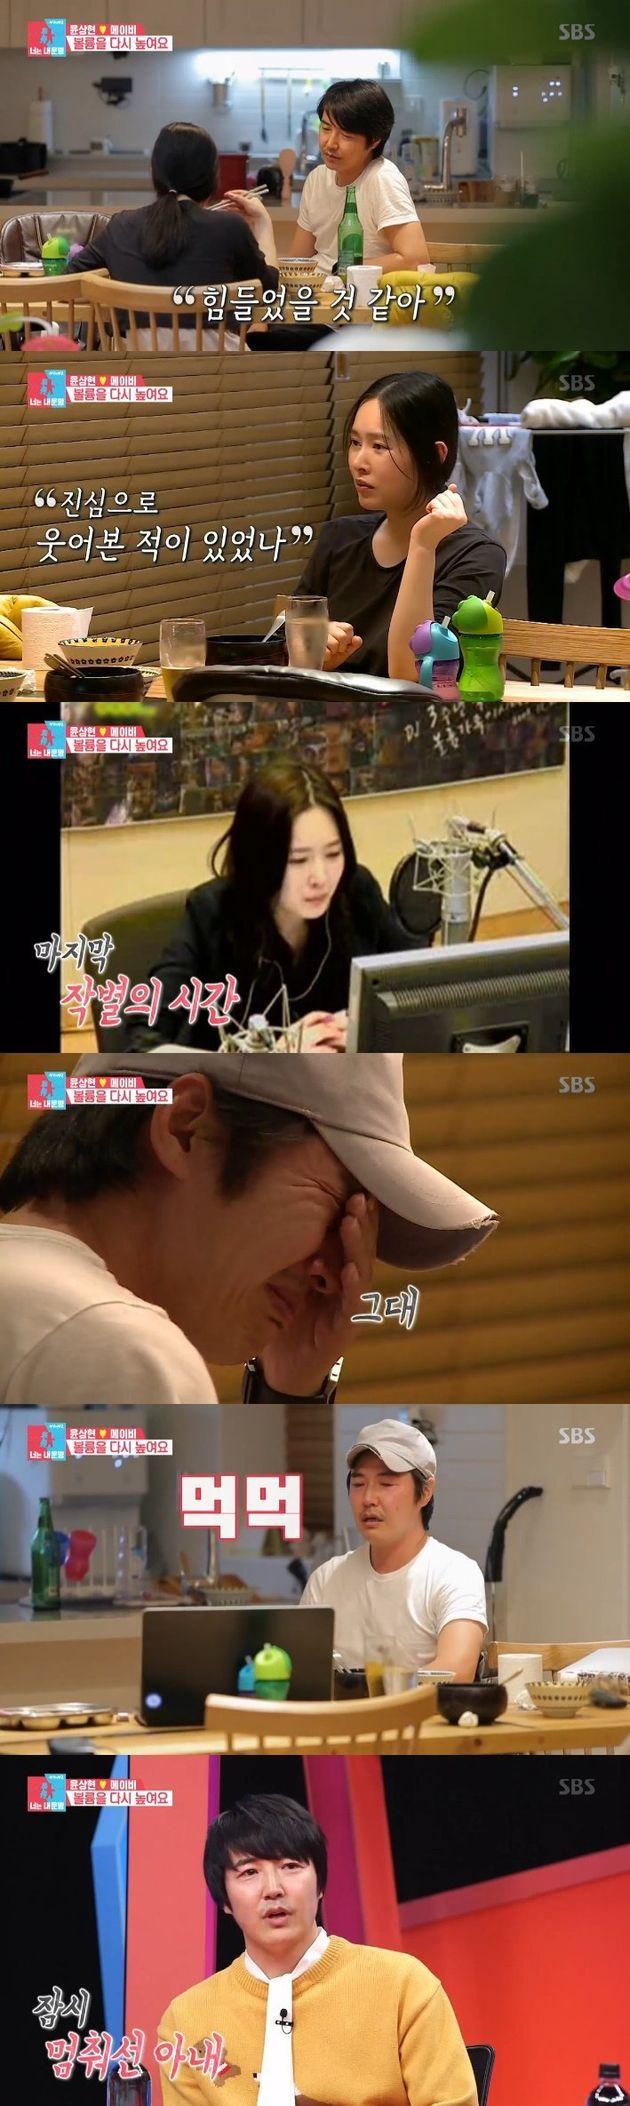 윤상현이 아내 메이비의 마지막 방송을 보고 눈물 흘린